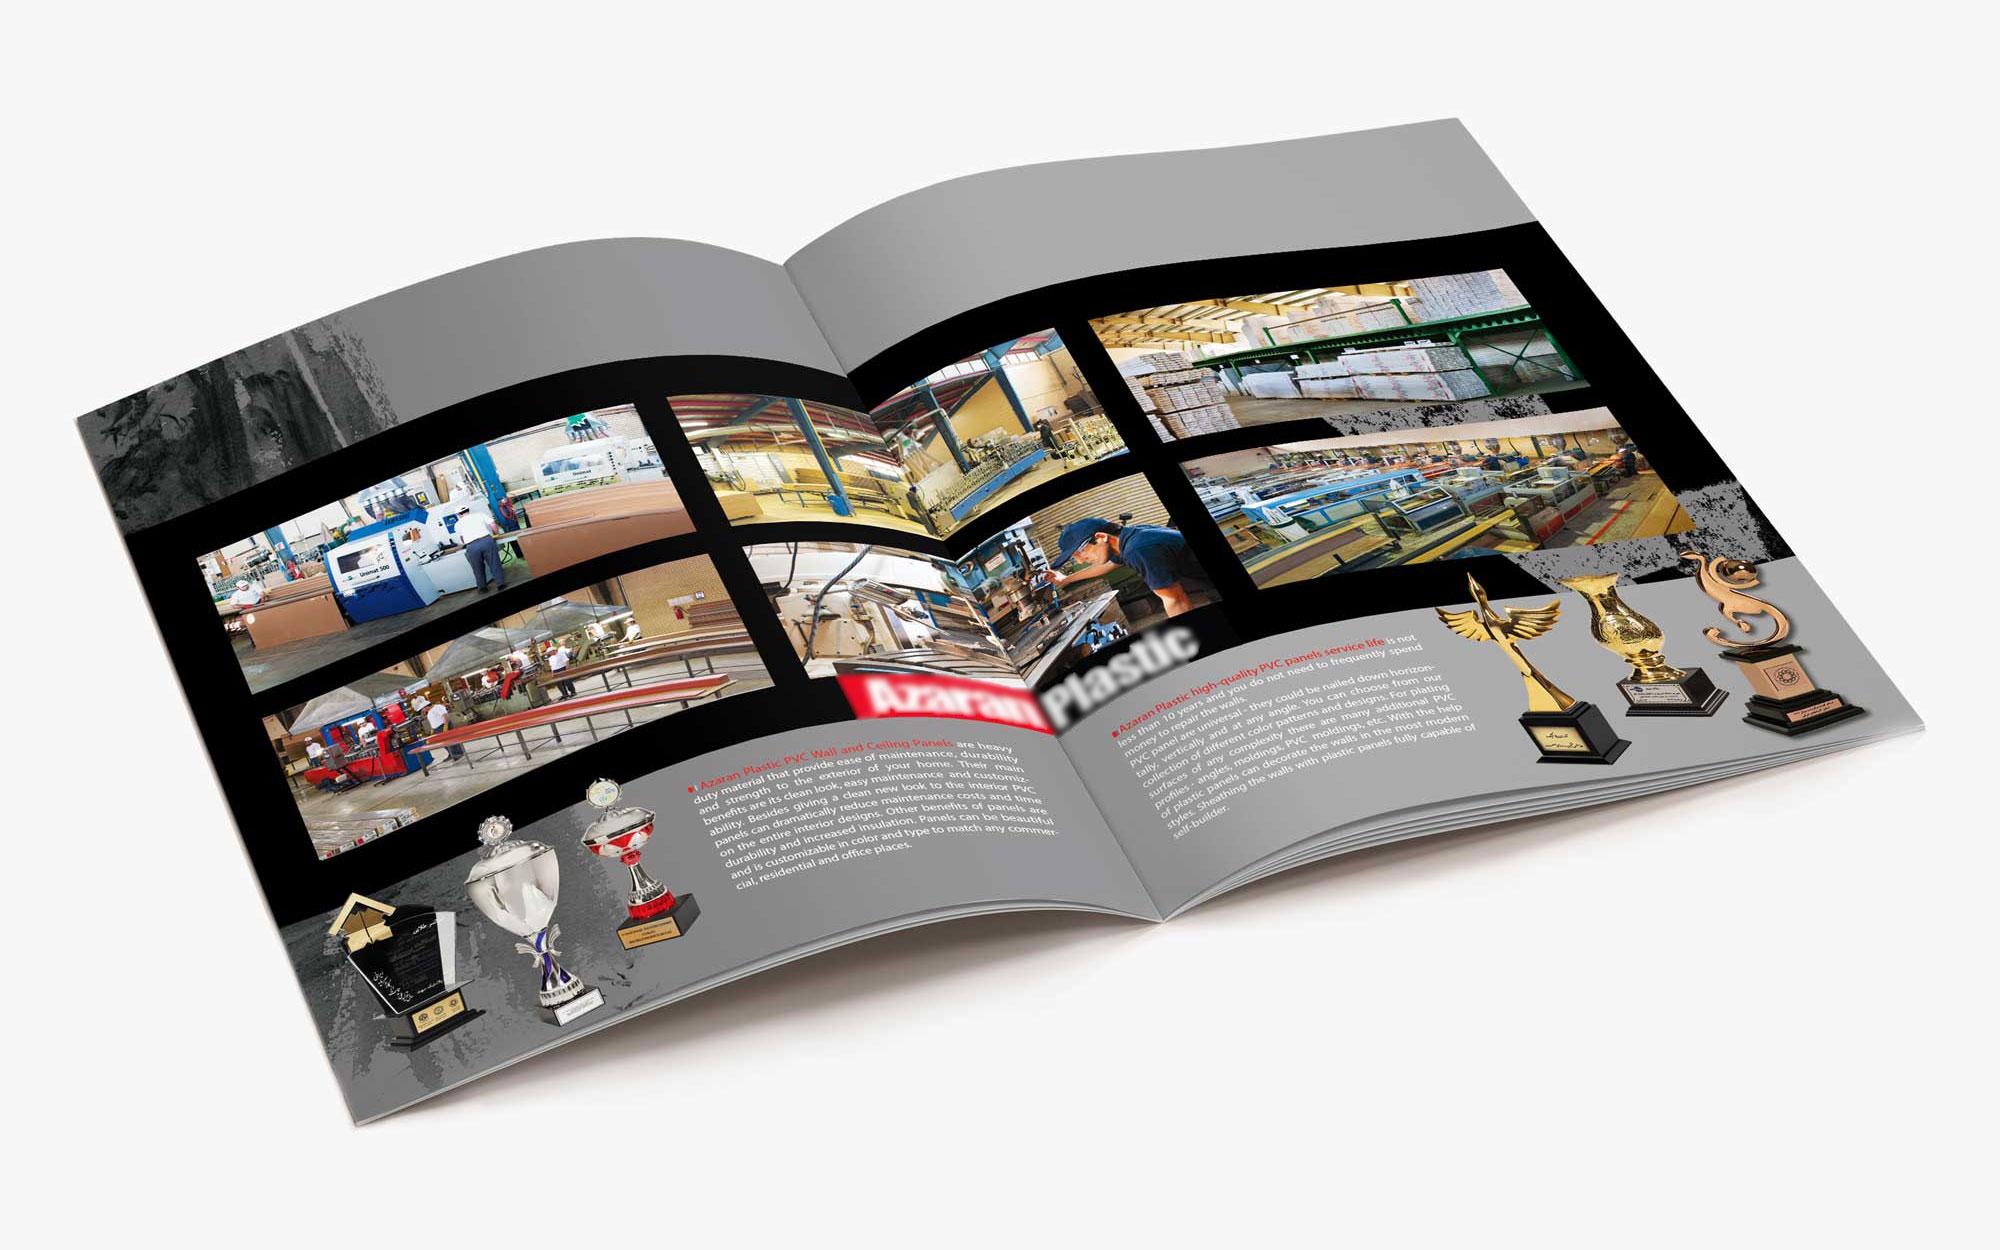 طراحی-چاپ-کاتالوگ.jpg